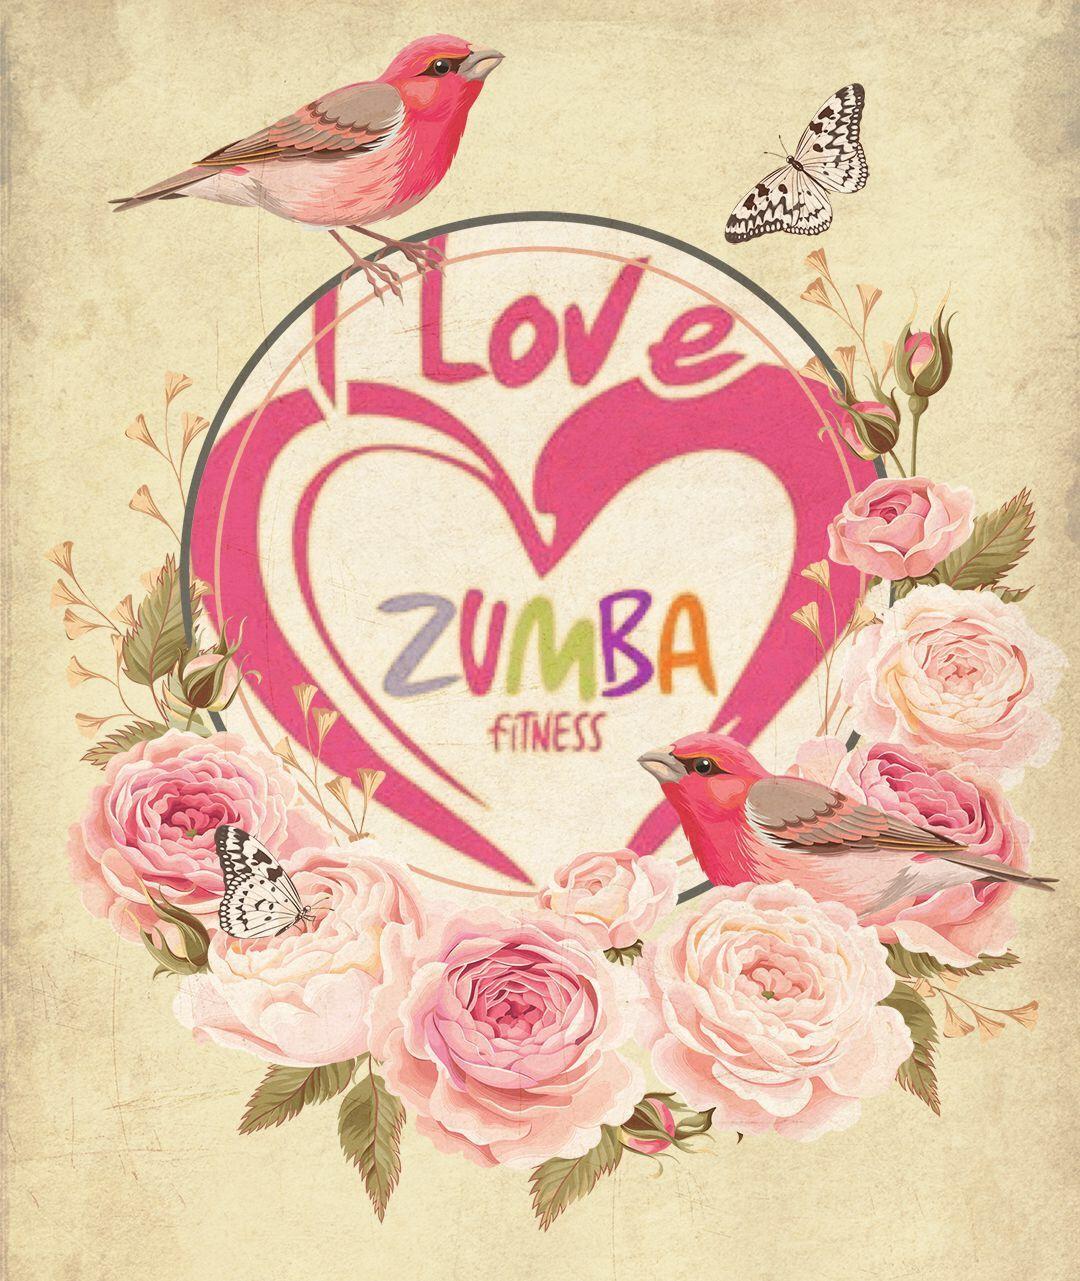 Pin By Amy Sharp On Zumba Zumba Workout Zumba Zumba Routines